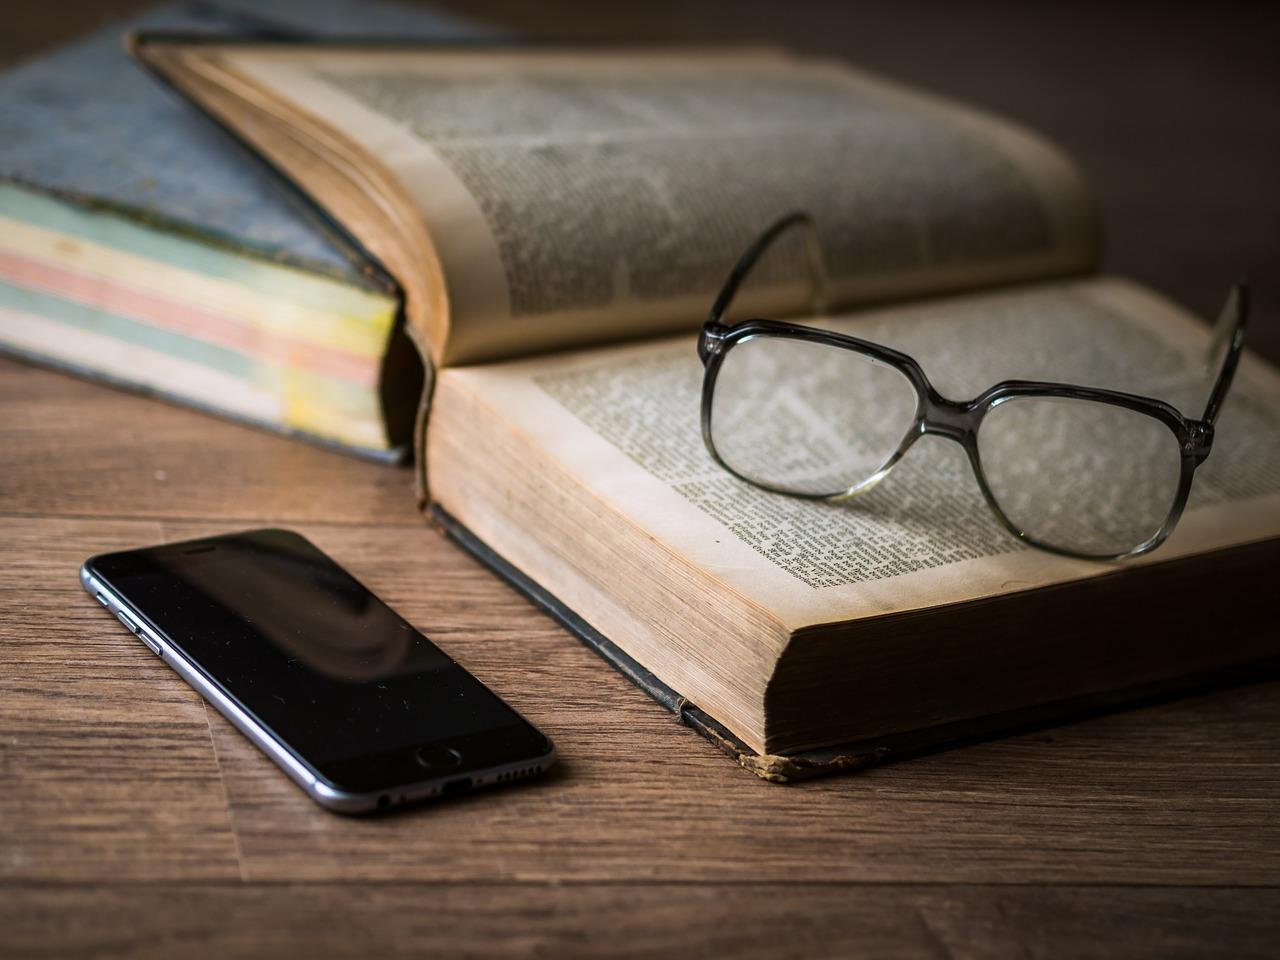 Las mejores apps gratuitas para crear tus propios libros electrónicos